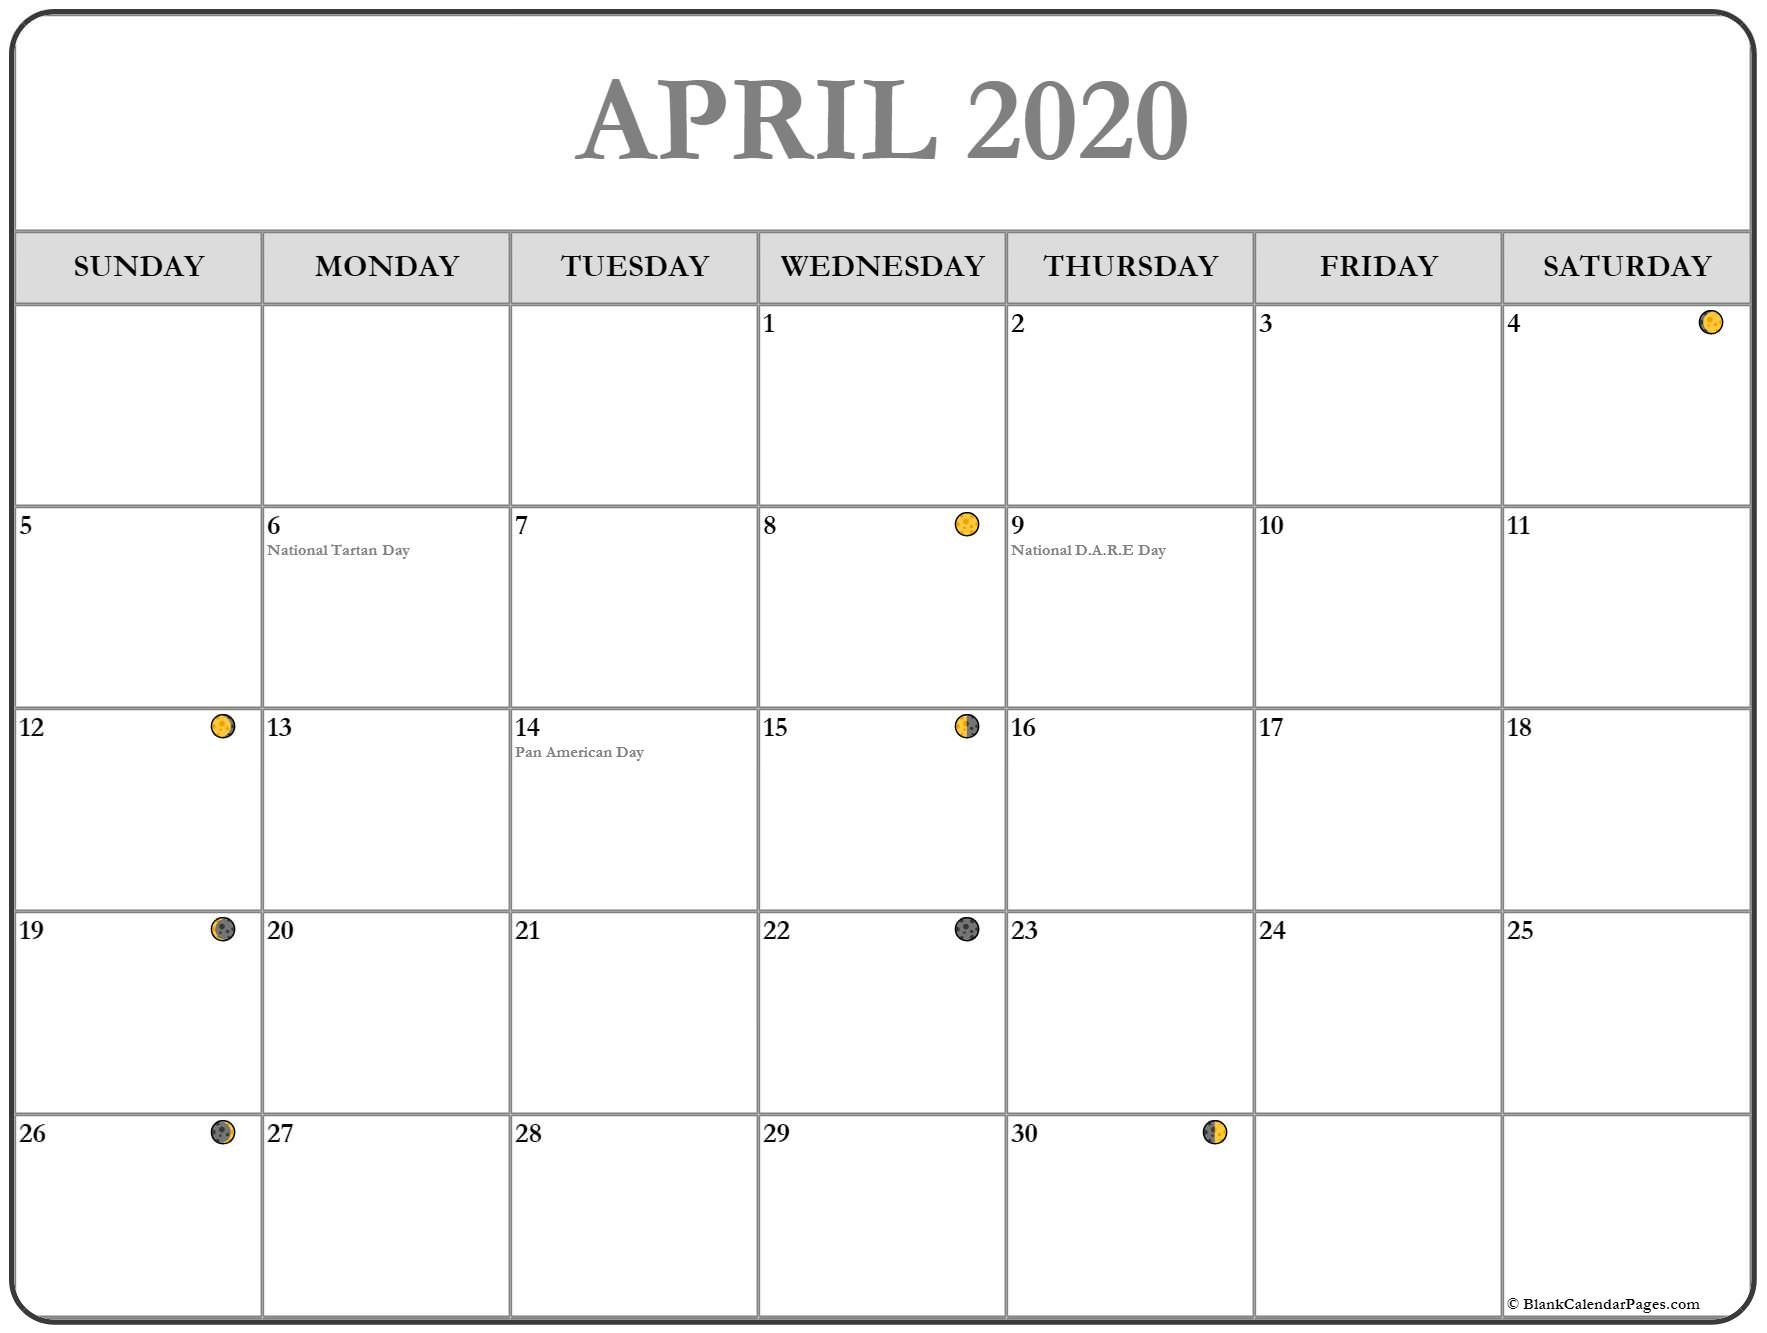 April 2020 Moon Calendar